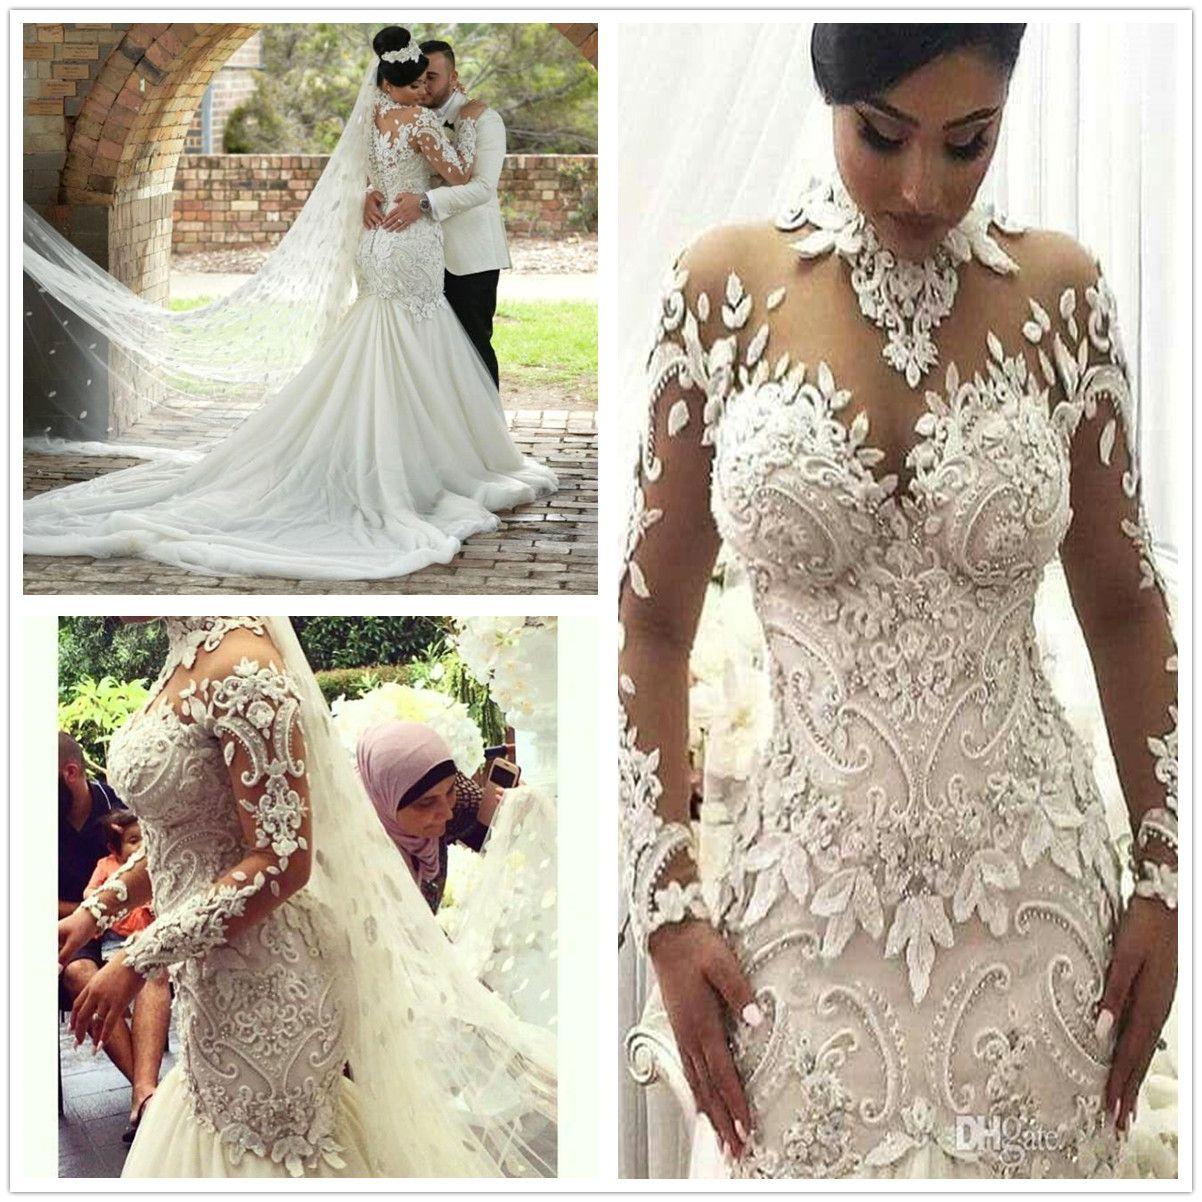 Azzaria Haute Sheer Maniche lunghe Abiti da sposa 2018 Illusione Nigeria ad alto collo appliqued in rilievo Dubai Castello arabo Castello sirena Abito da sposa